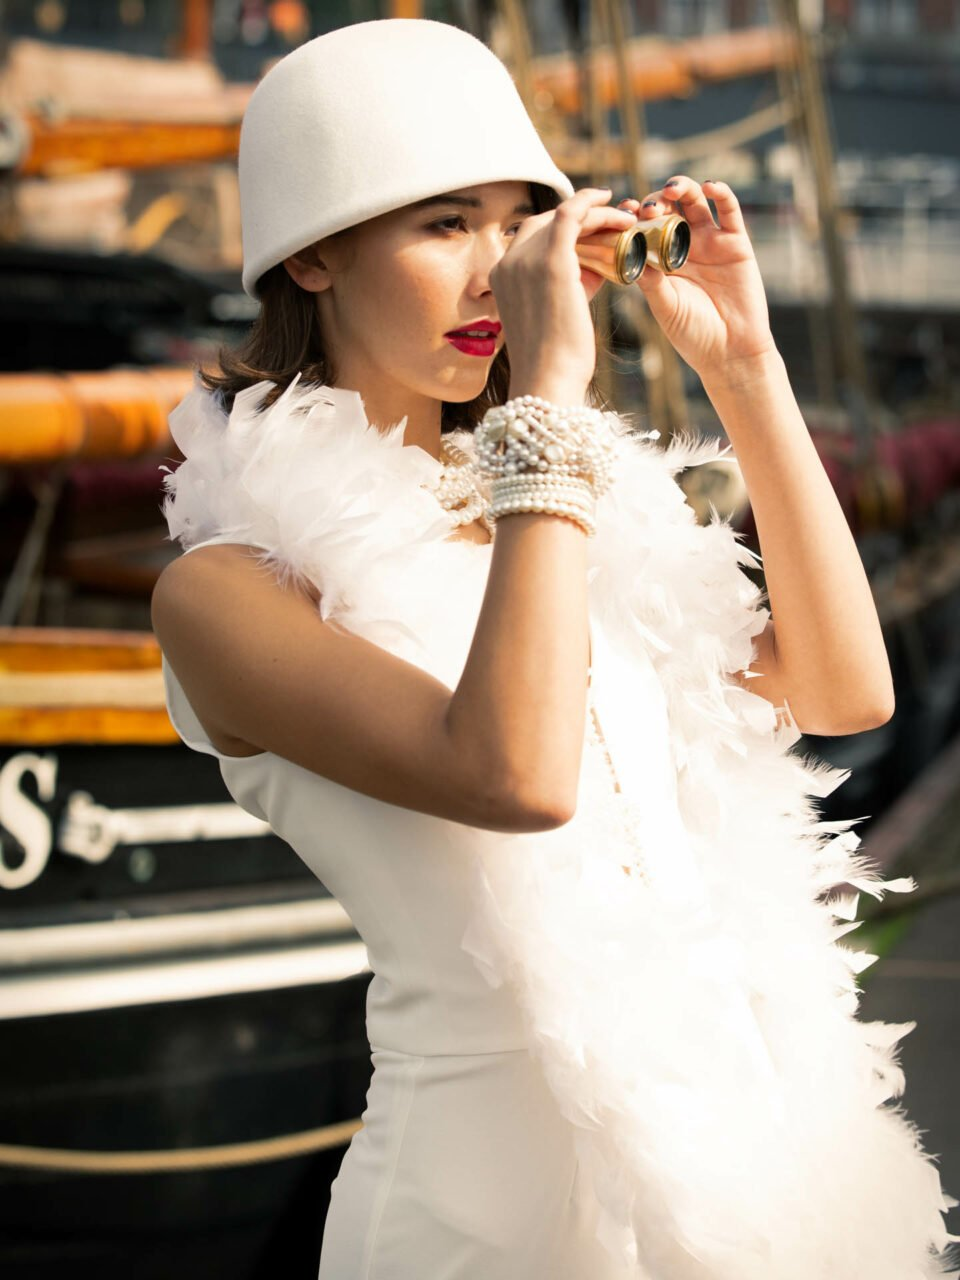 20er Jahre Hochzeitsoutfit mit Hut und Federboa, Braut schaut durchs Fernglas